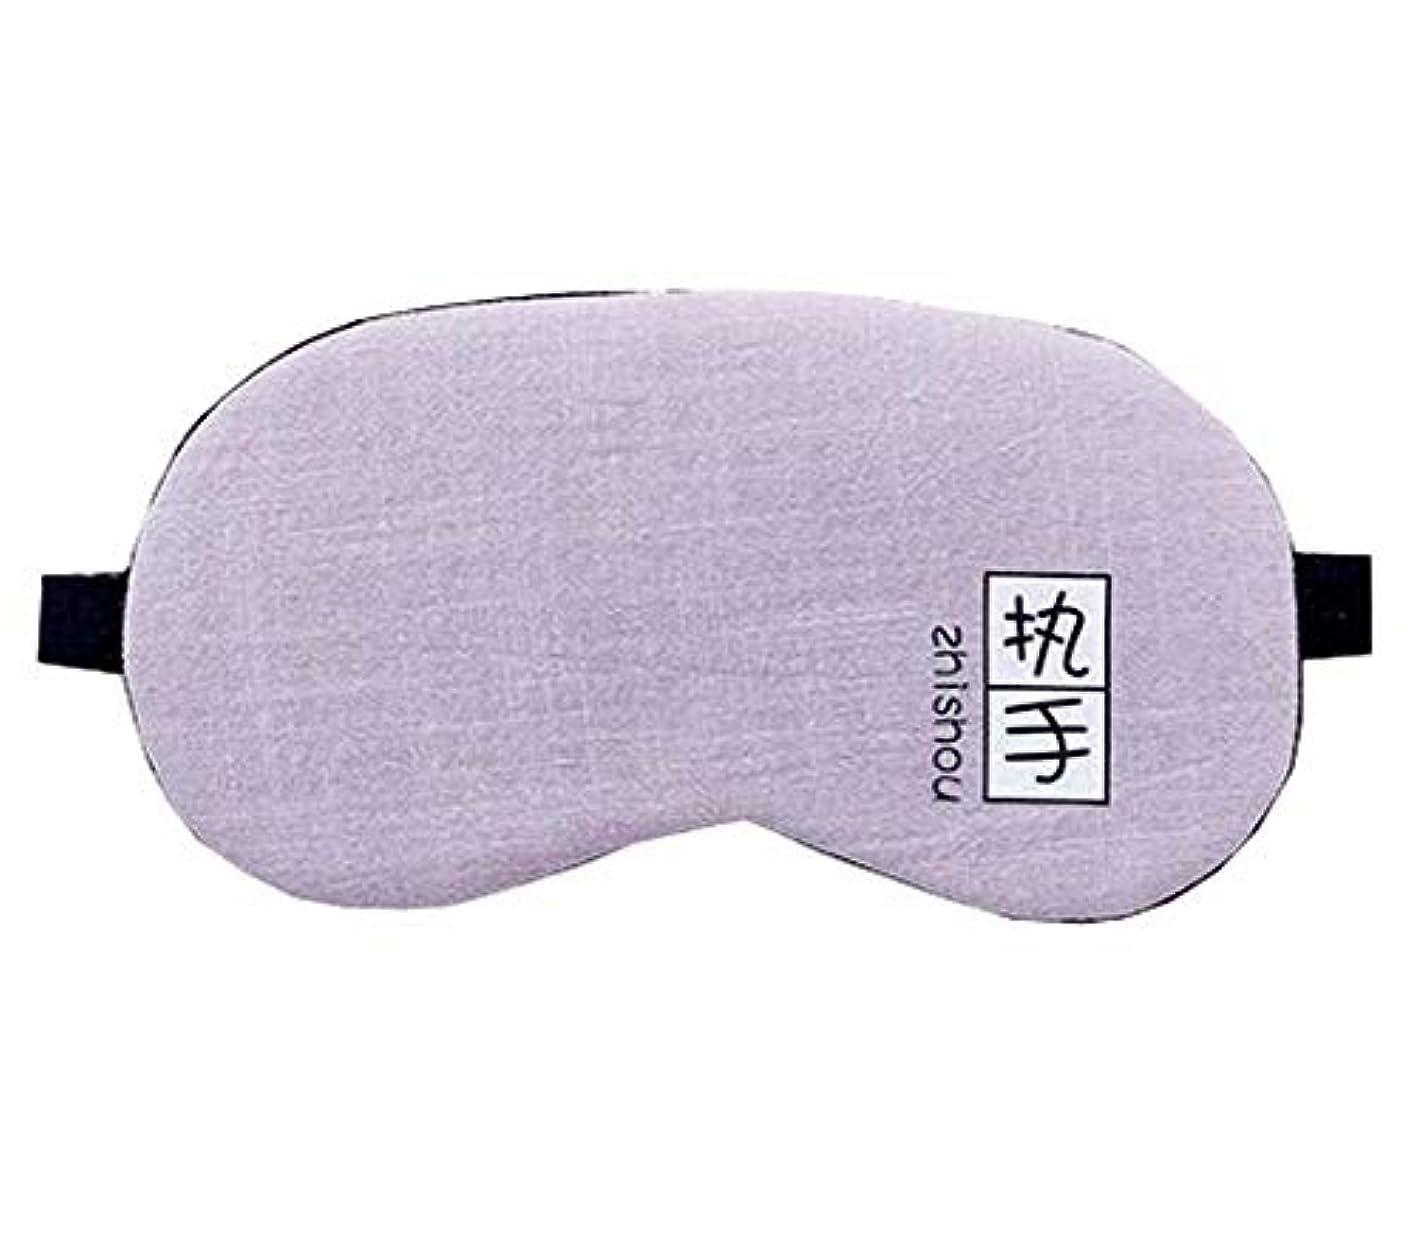 過敏なトイレ部門快適なかわいい目のマスクは、睡眠の作業のための不眠症とストレスを軽減し、C